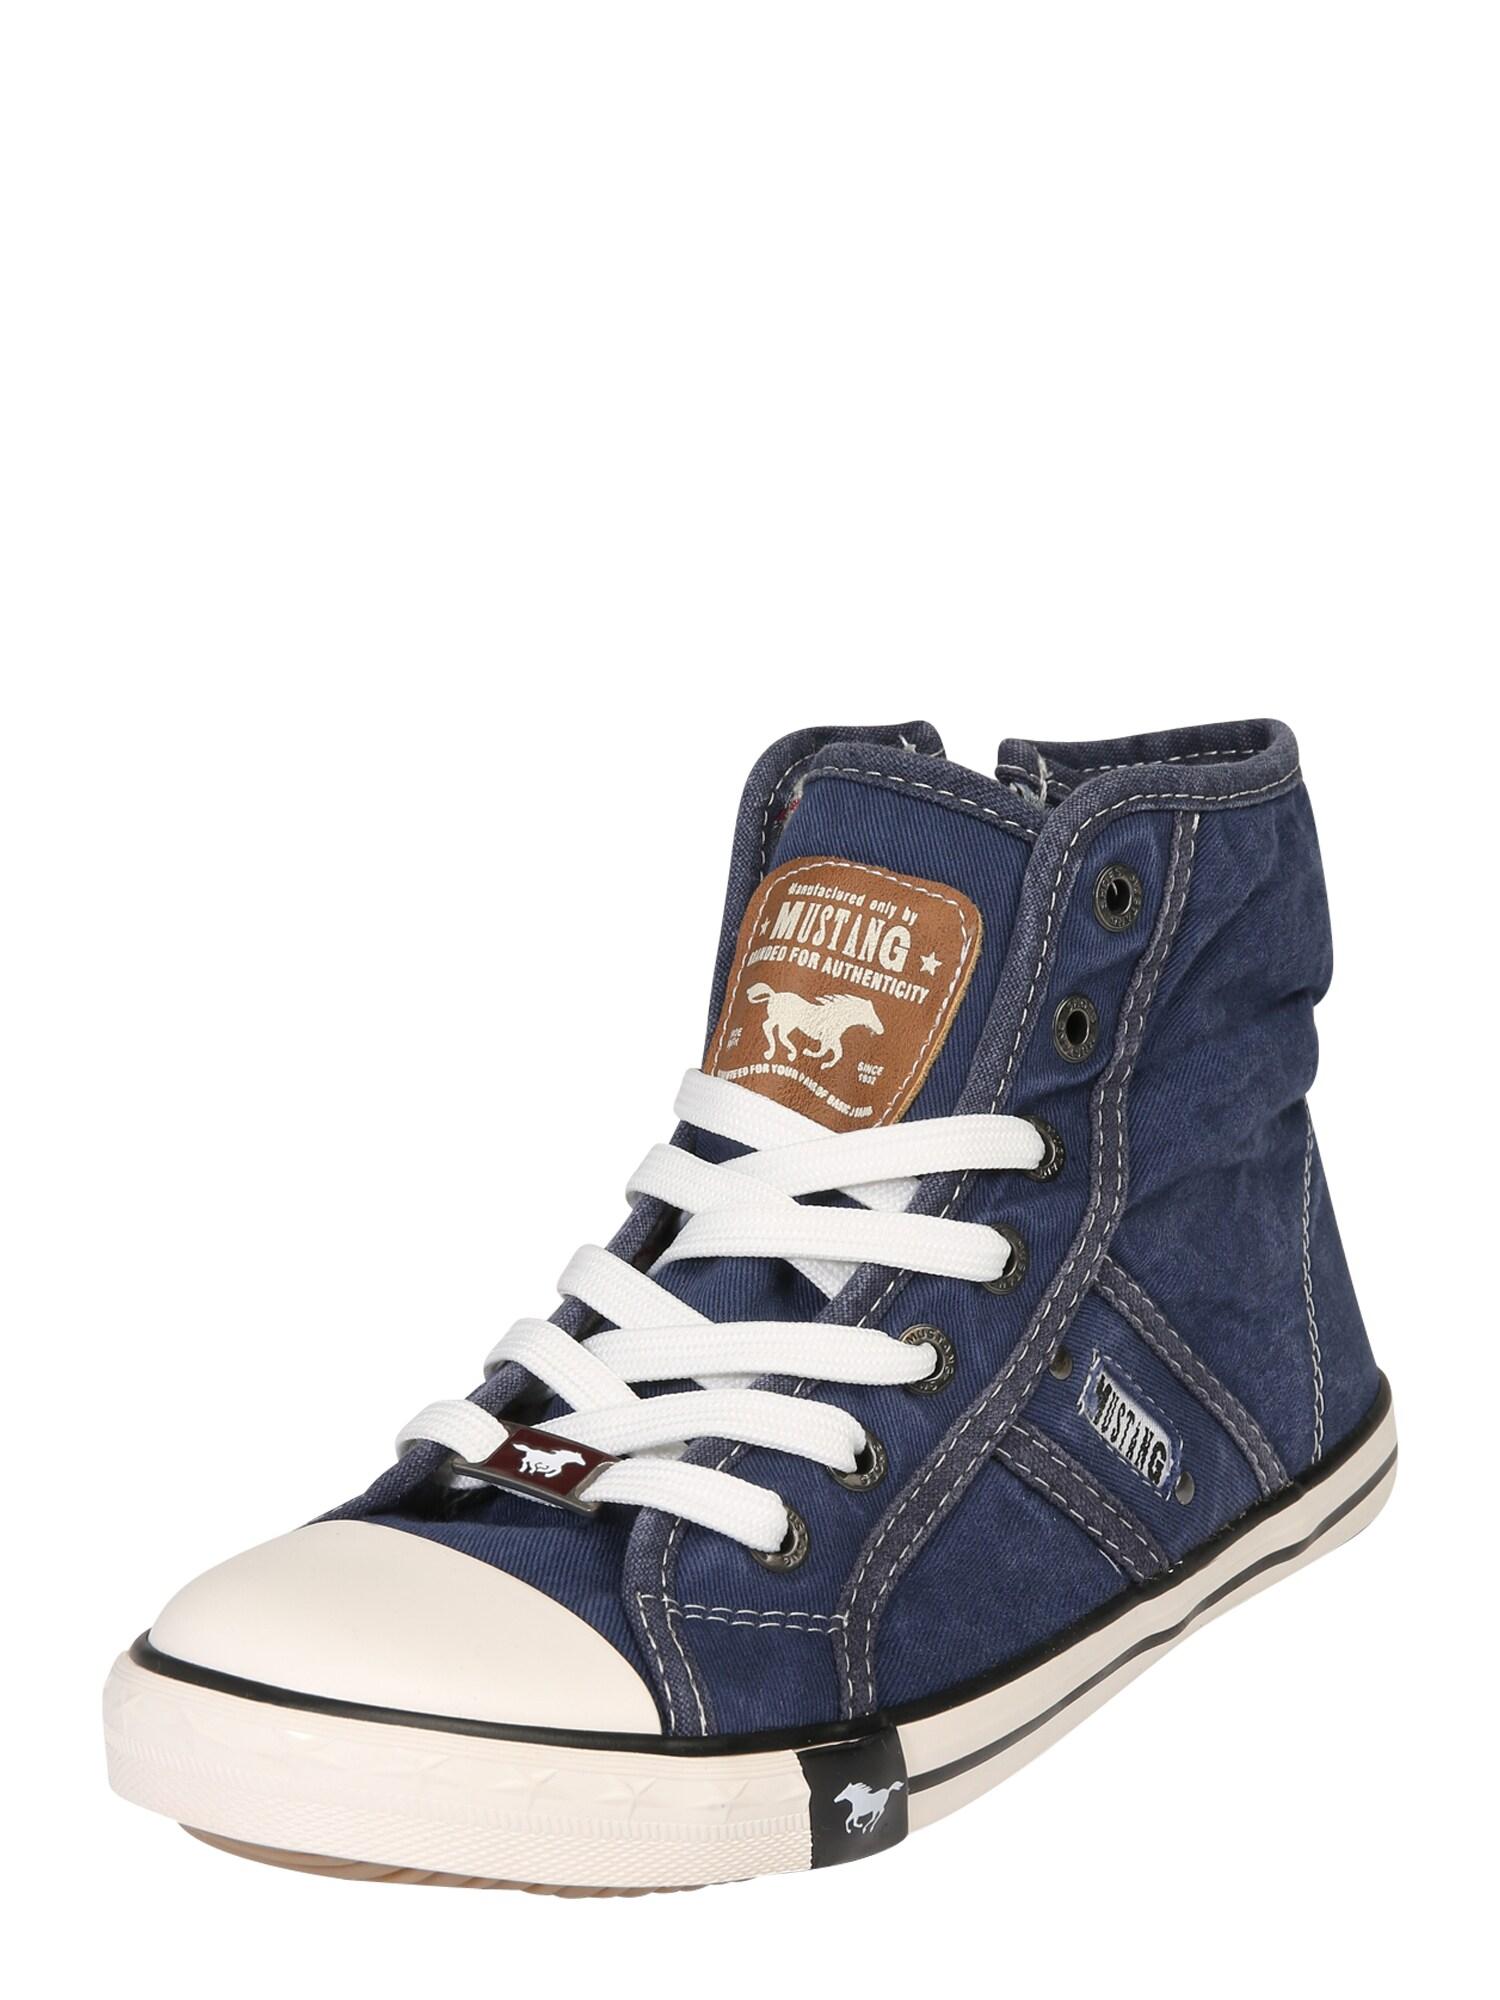 Kotníkové tenisky modrá džínovina MUSTANG